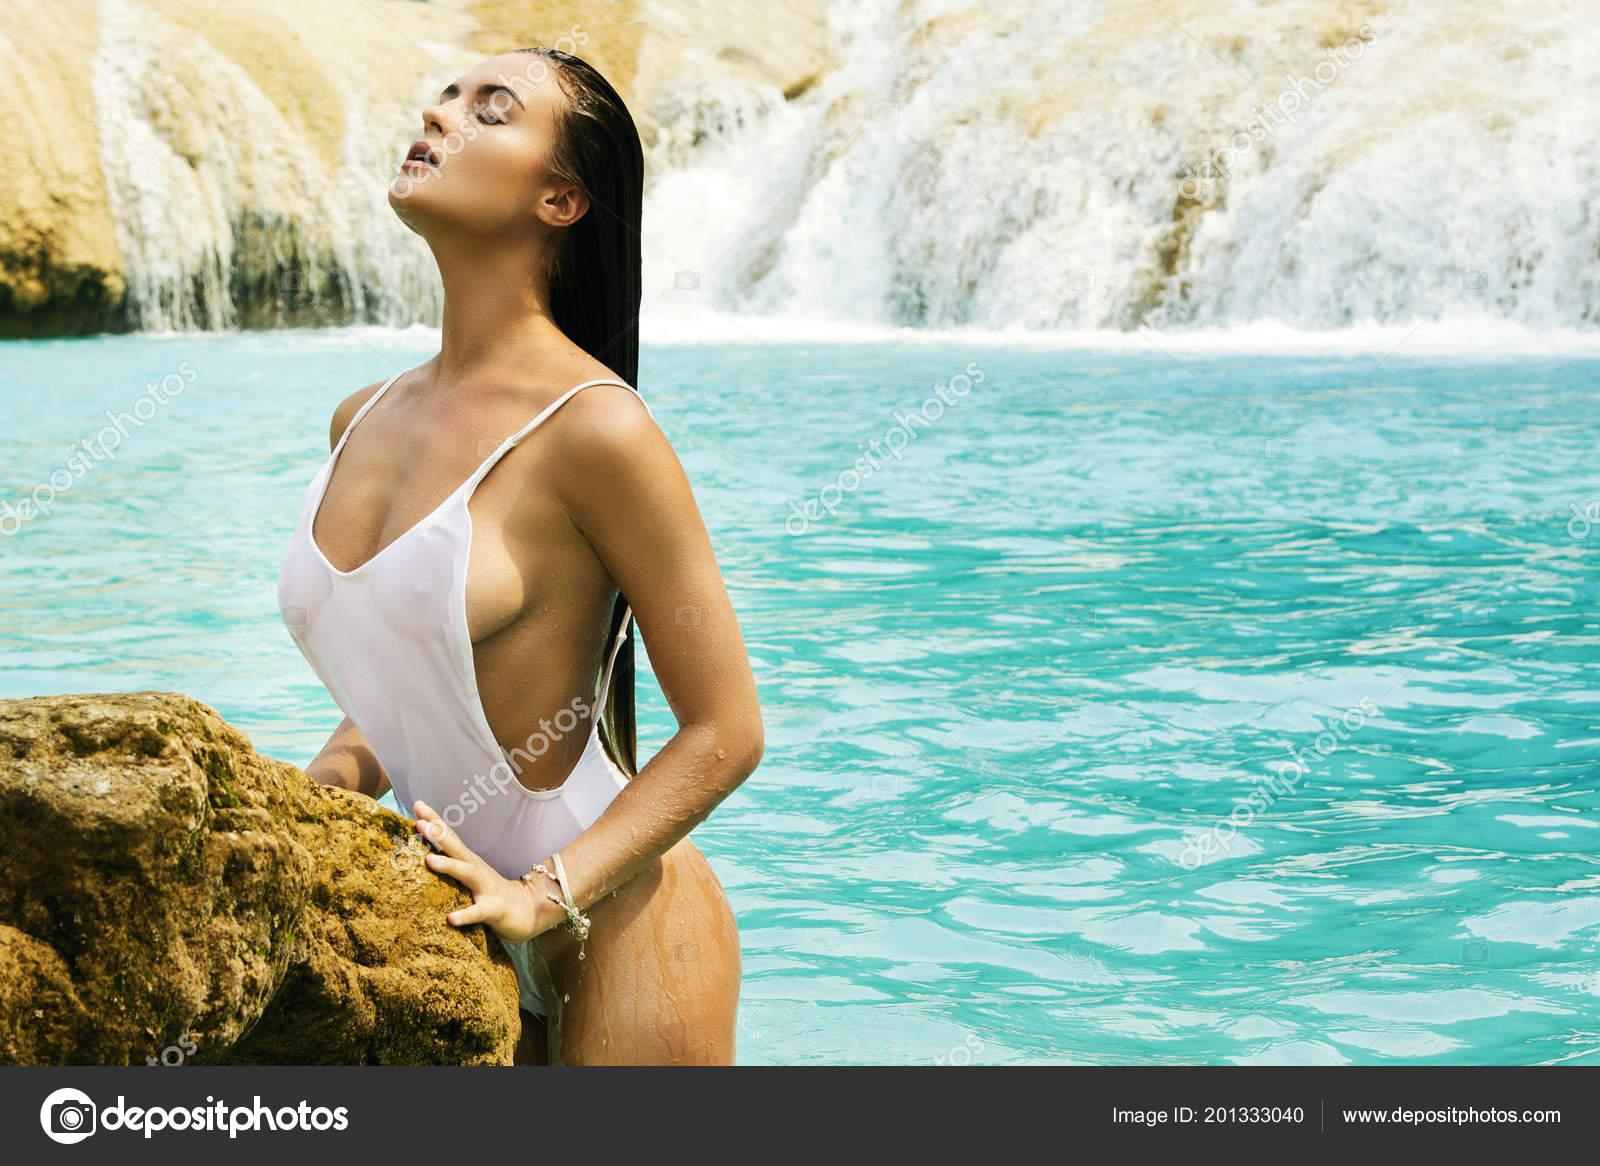 poses water Erotic in